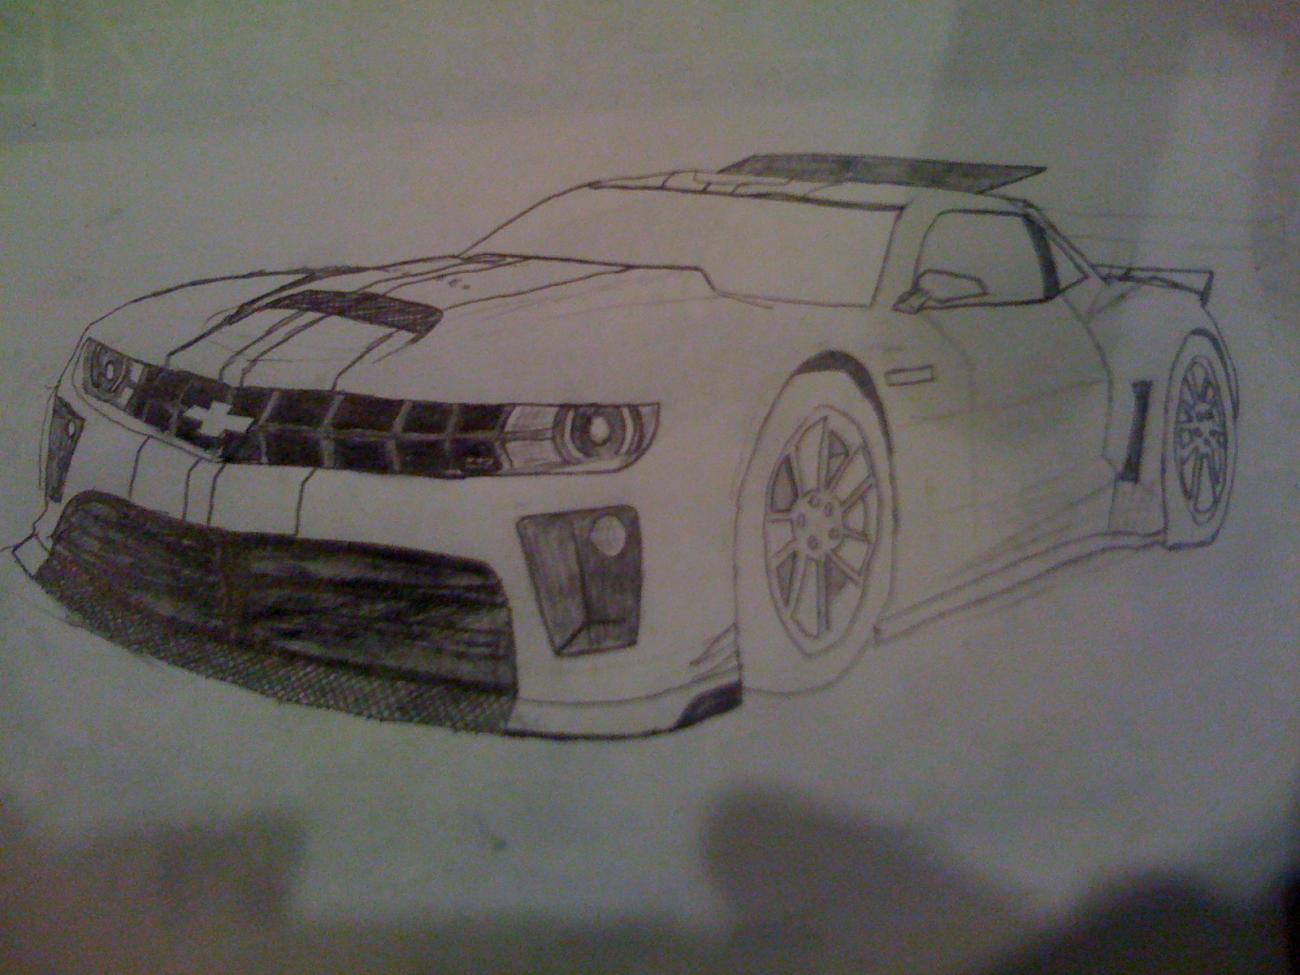 Z28 guess look (Drawing) - Camaro5 Chevy Camaro Forum ...